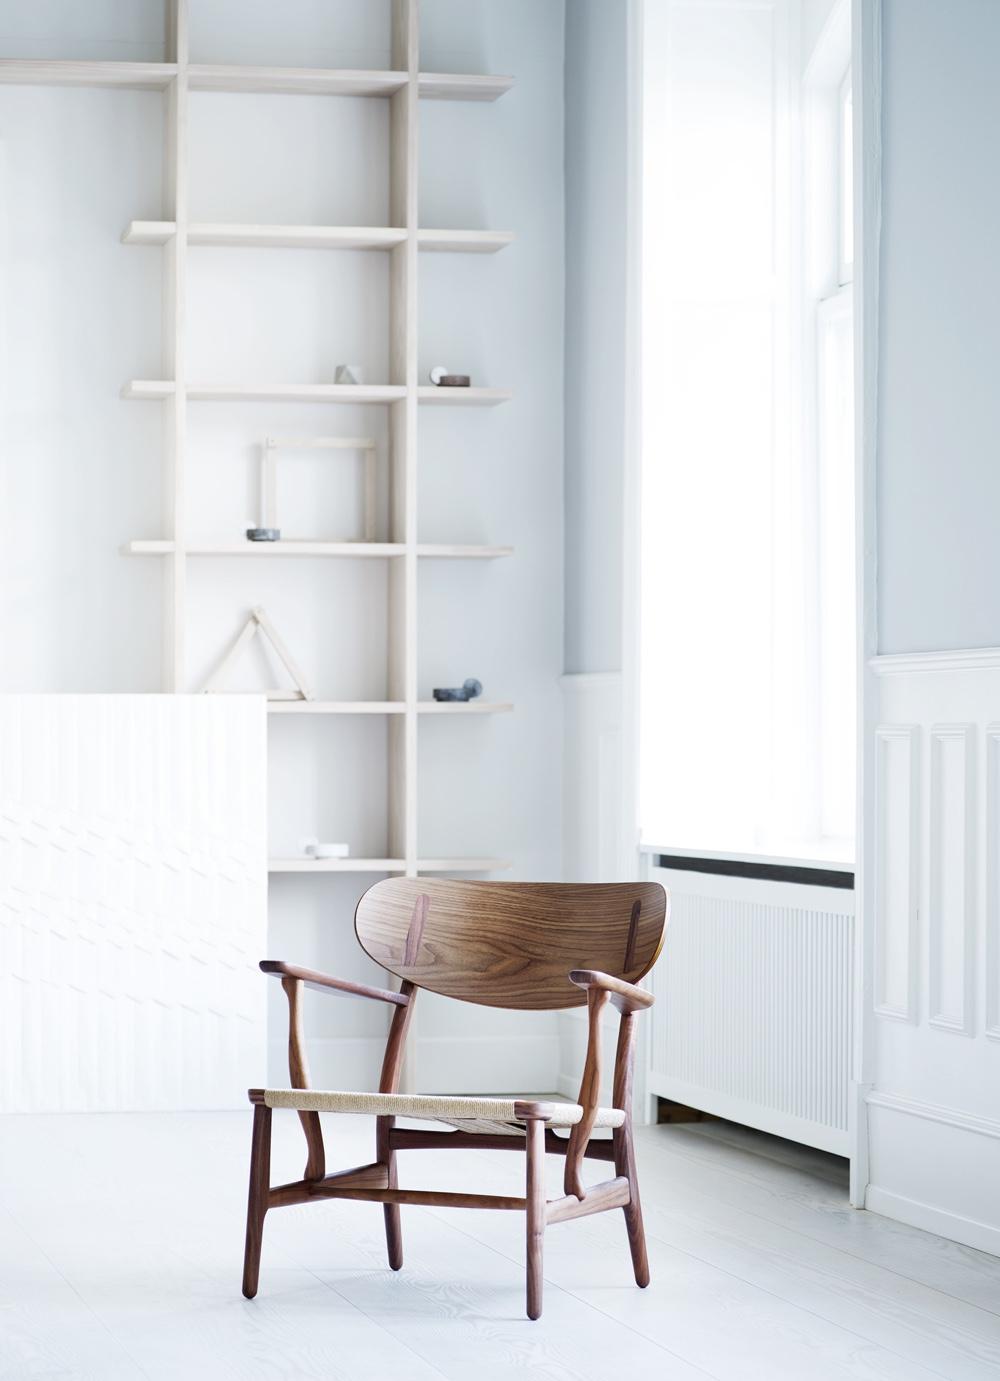 Современные дизайнерские стулья. Стул Н22